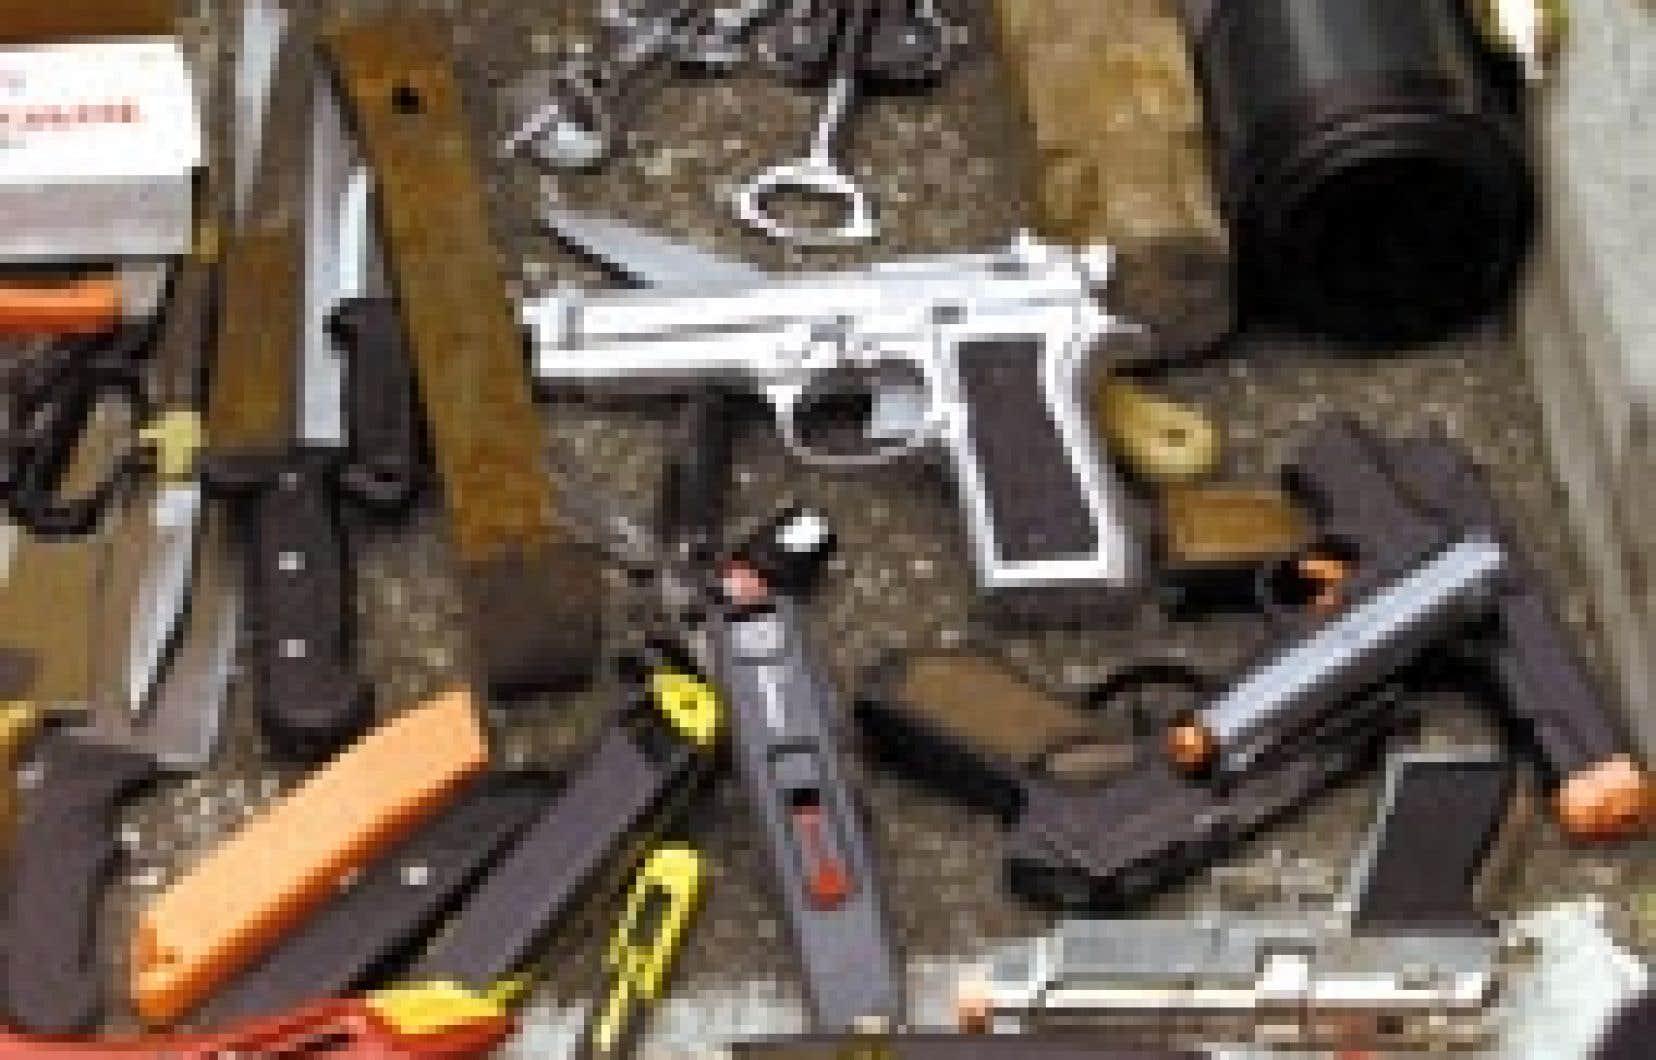 Une douzaine d'armes à feu sont saisies chaque mois par les agents chargés des fouilles dans les principaux aéroports du pays.